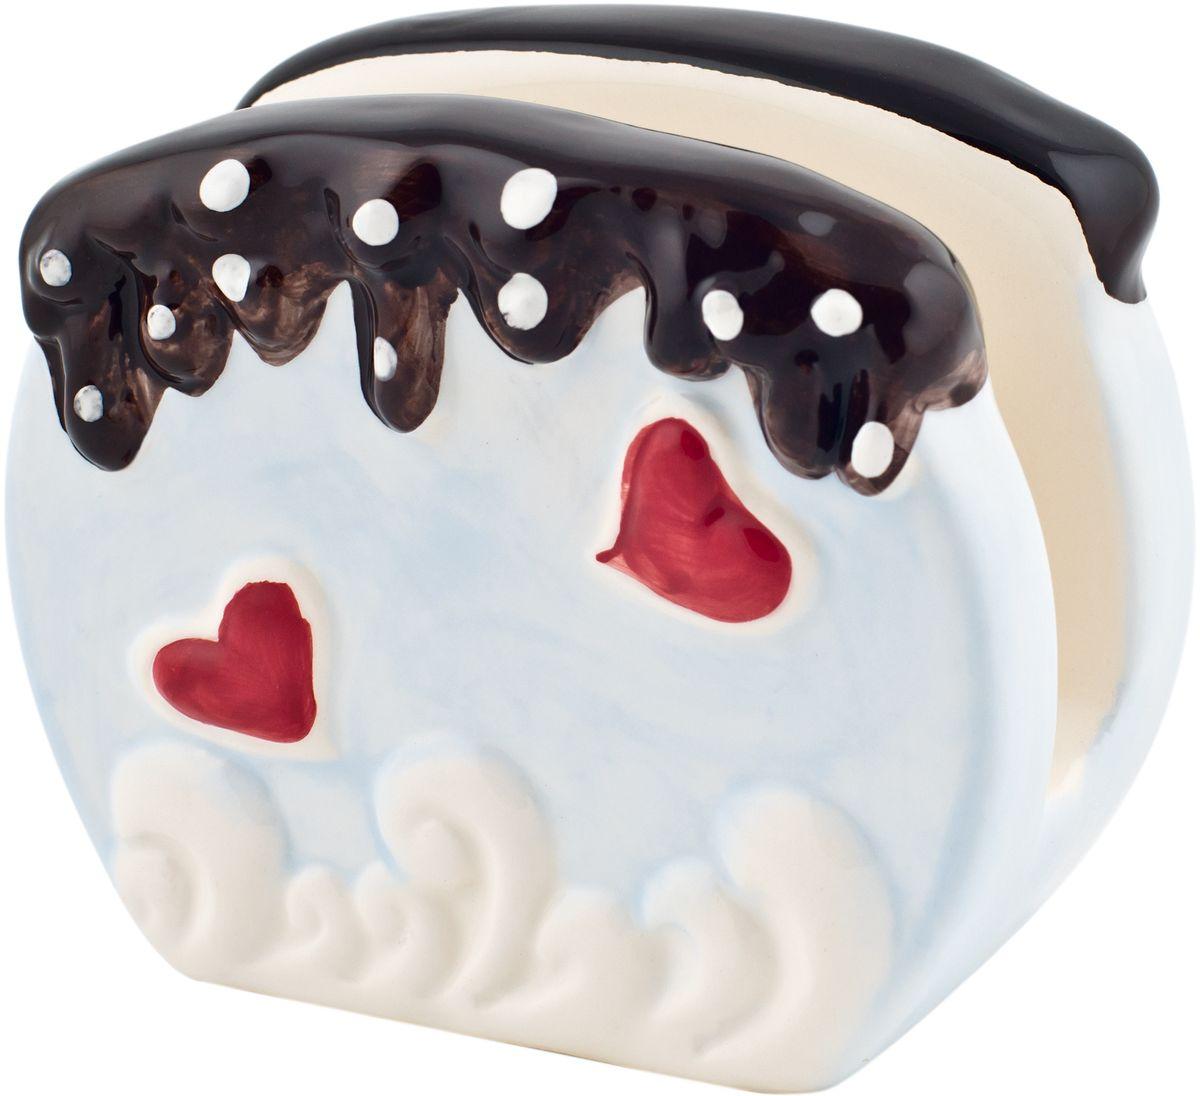 Салфетница Elff Decor, цвет: мультиколор, 7 х 10 х 9 см210-010Салфетница Elff Decor изготовлена из керамики и оформлена принтом. Такая салфетница великолепно украсит праздничный стол.